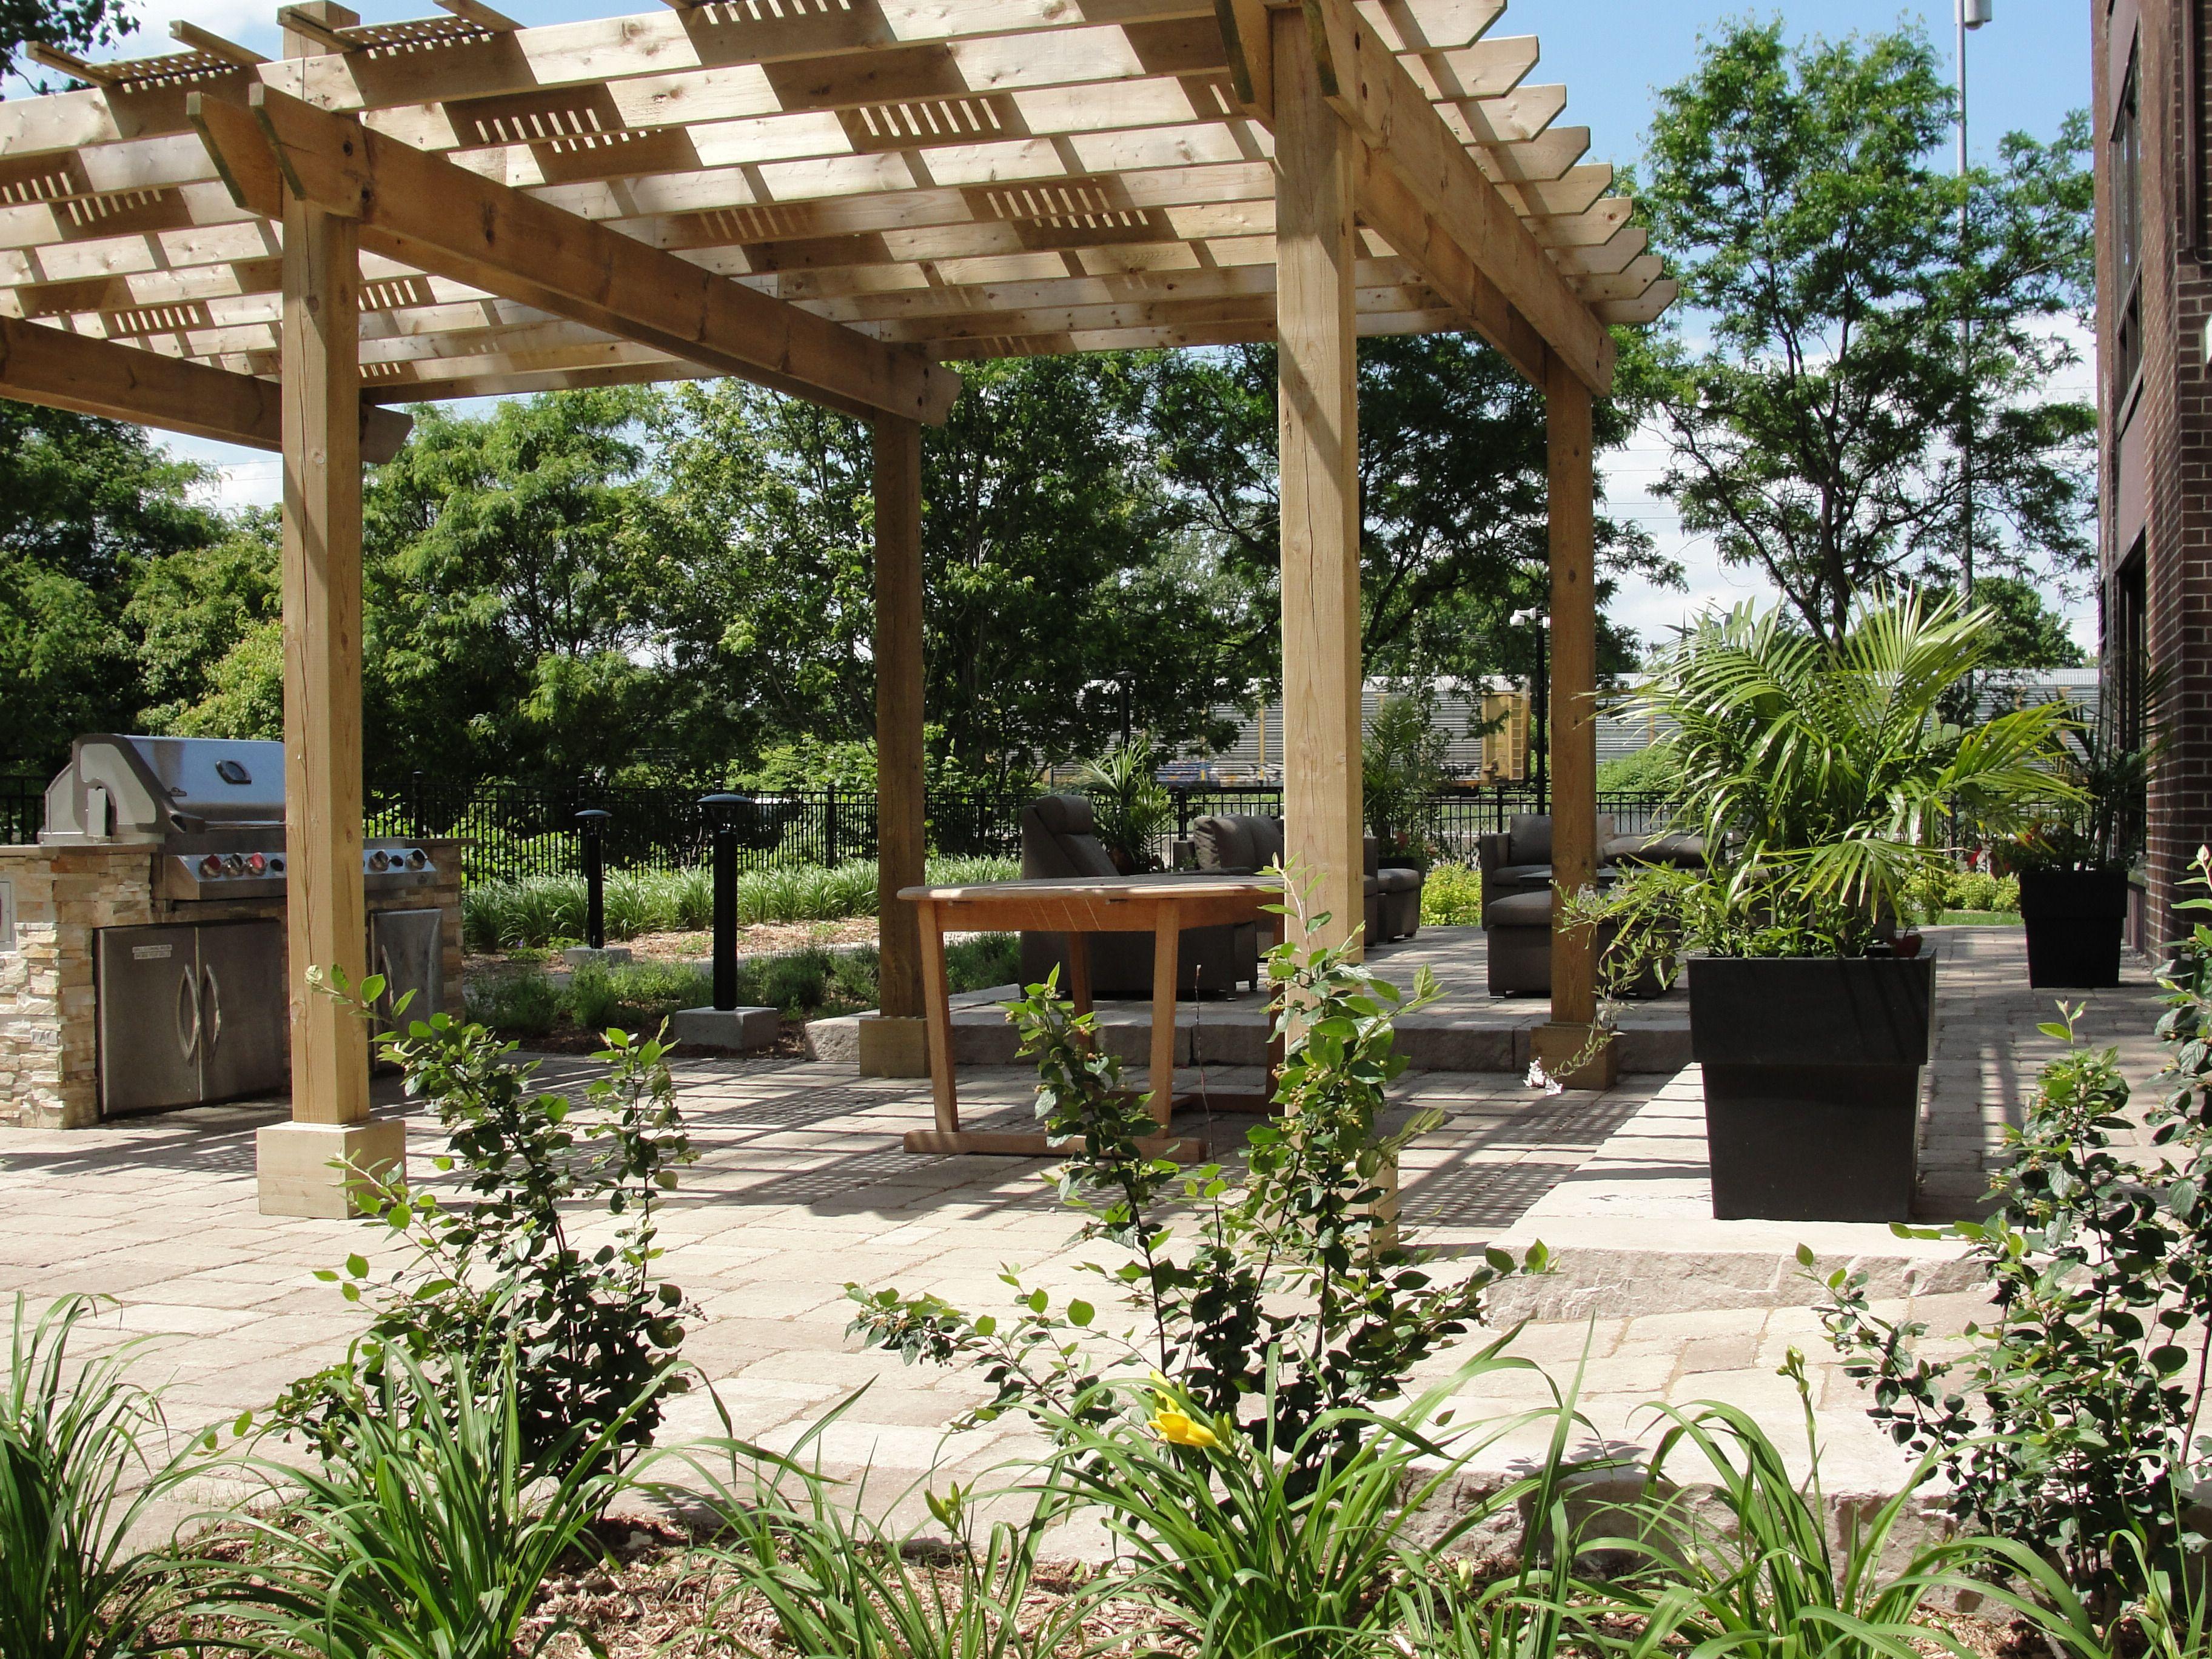 Am nagement d 39 une terrasse publique pergola en bois de c dre mobilier urbain d 39 ext rieur for Mobilier exterieur bois